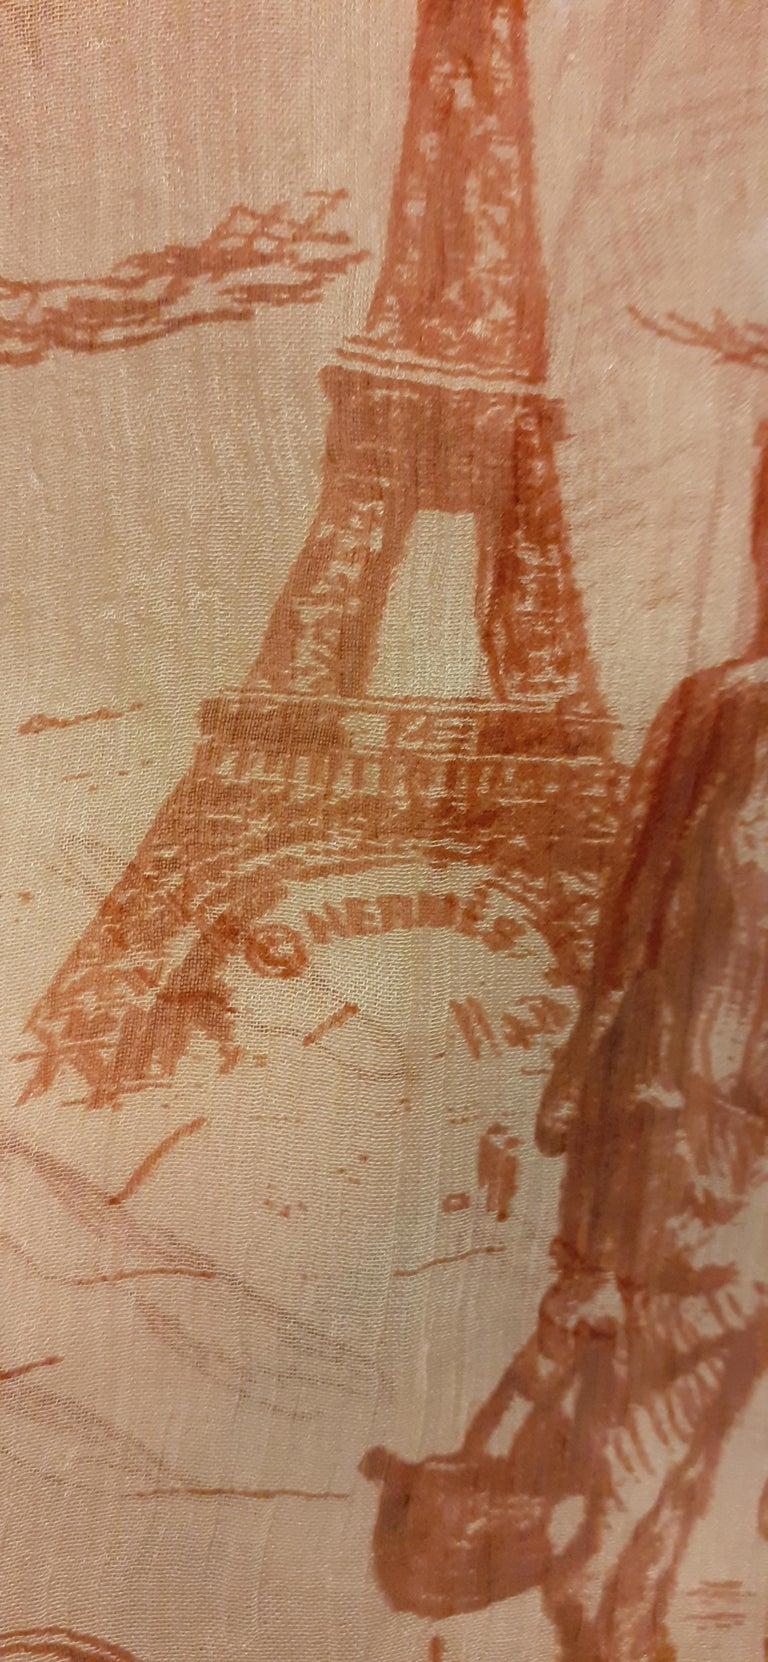 Hermès Chiffon Mousseline Silk Scarf Long Stole Toile de Jouy Pattern Rare For Sale 7